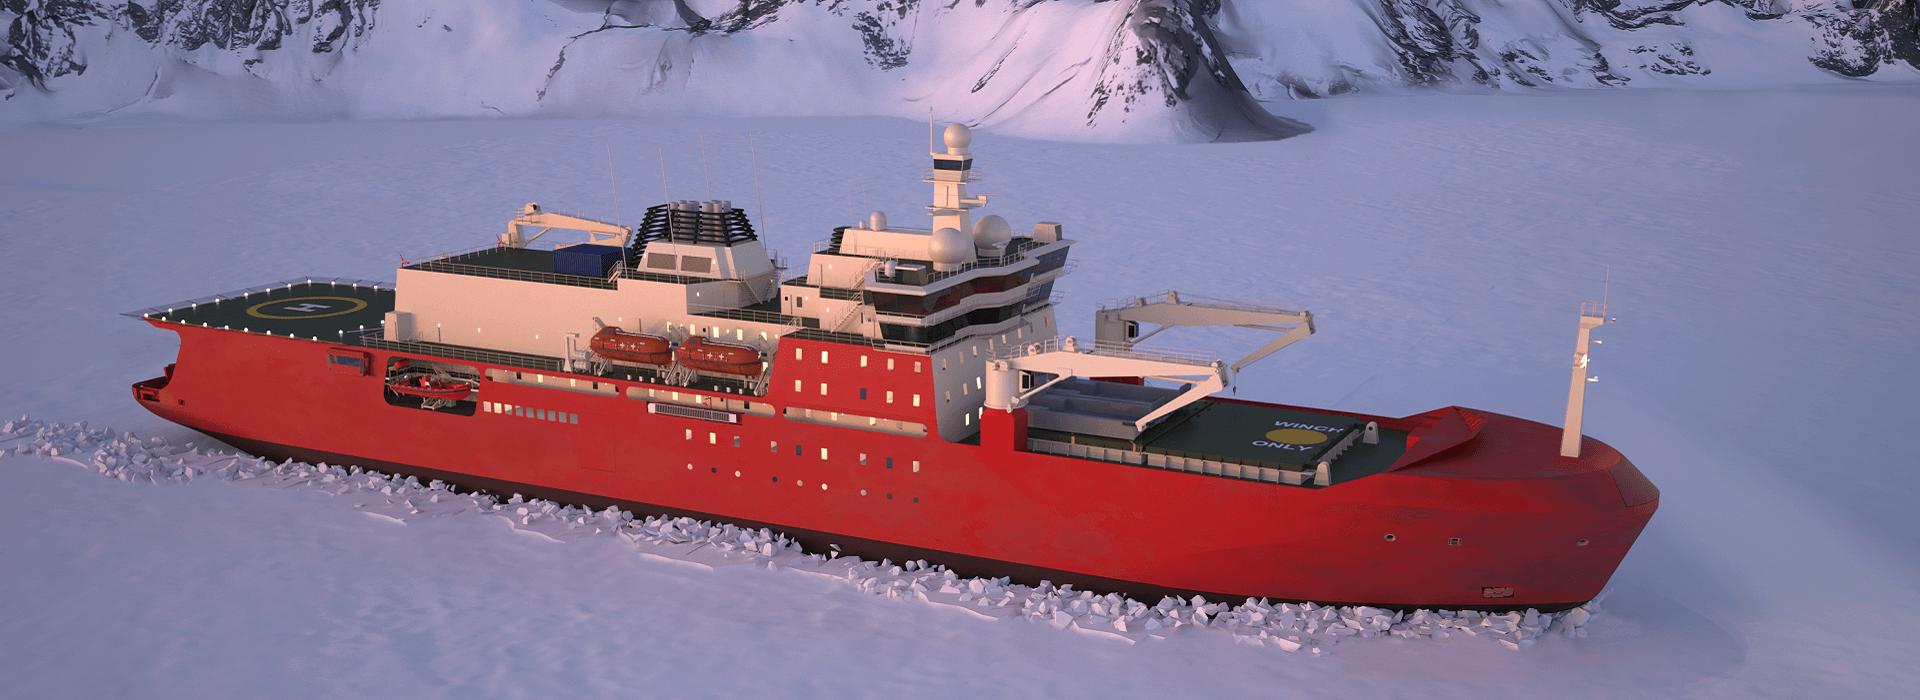 damen-antarctic-supply-research-vessel-desktop_1490767456